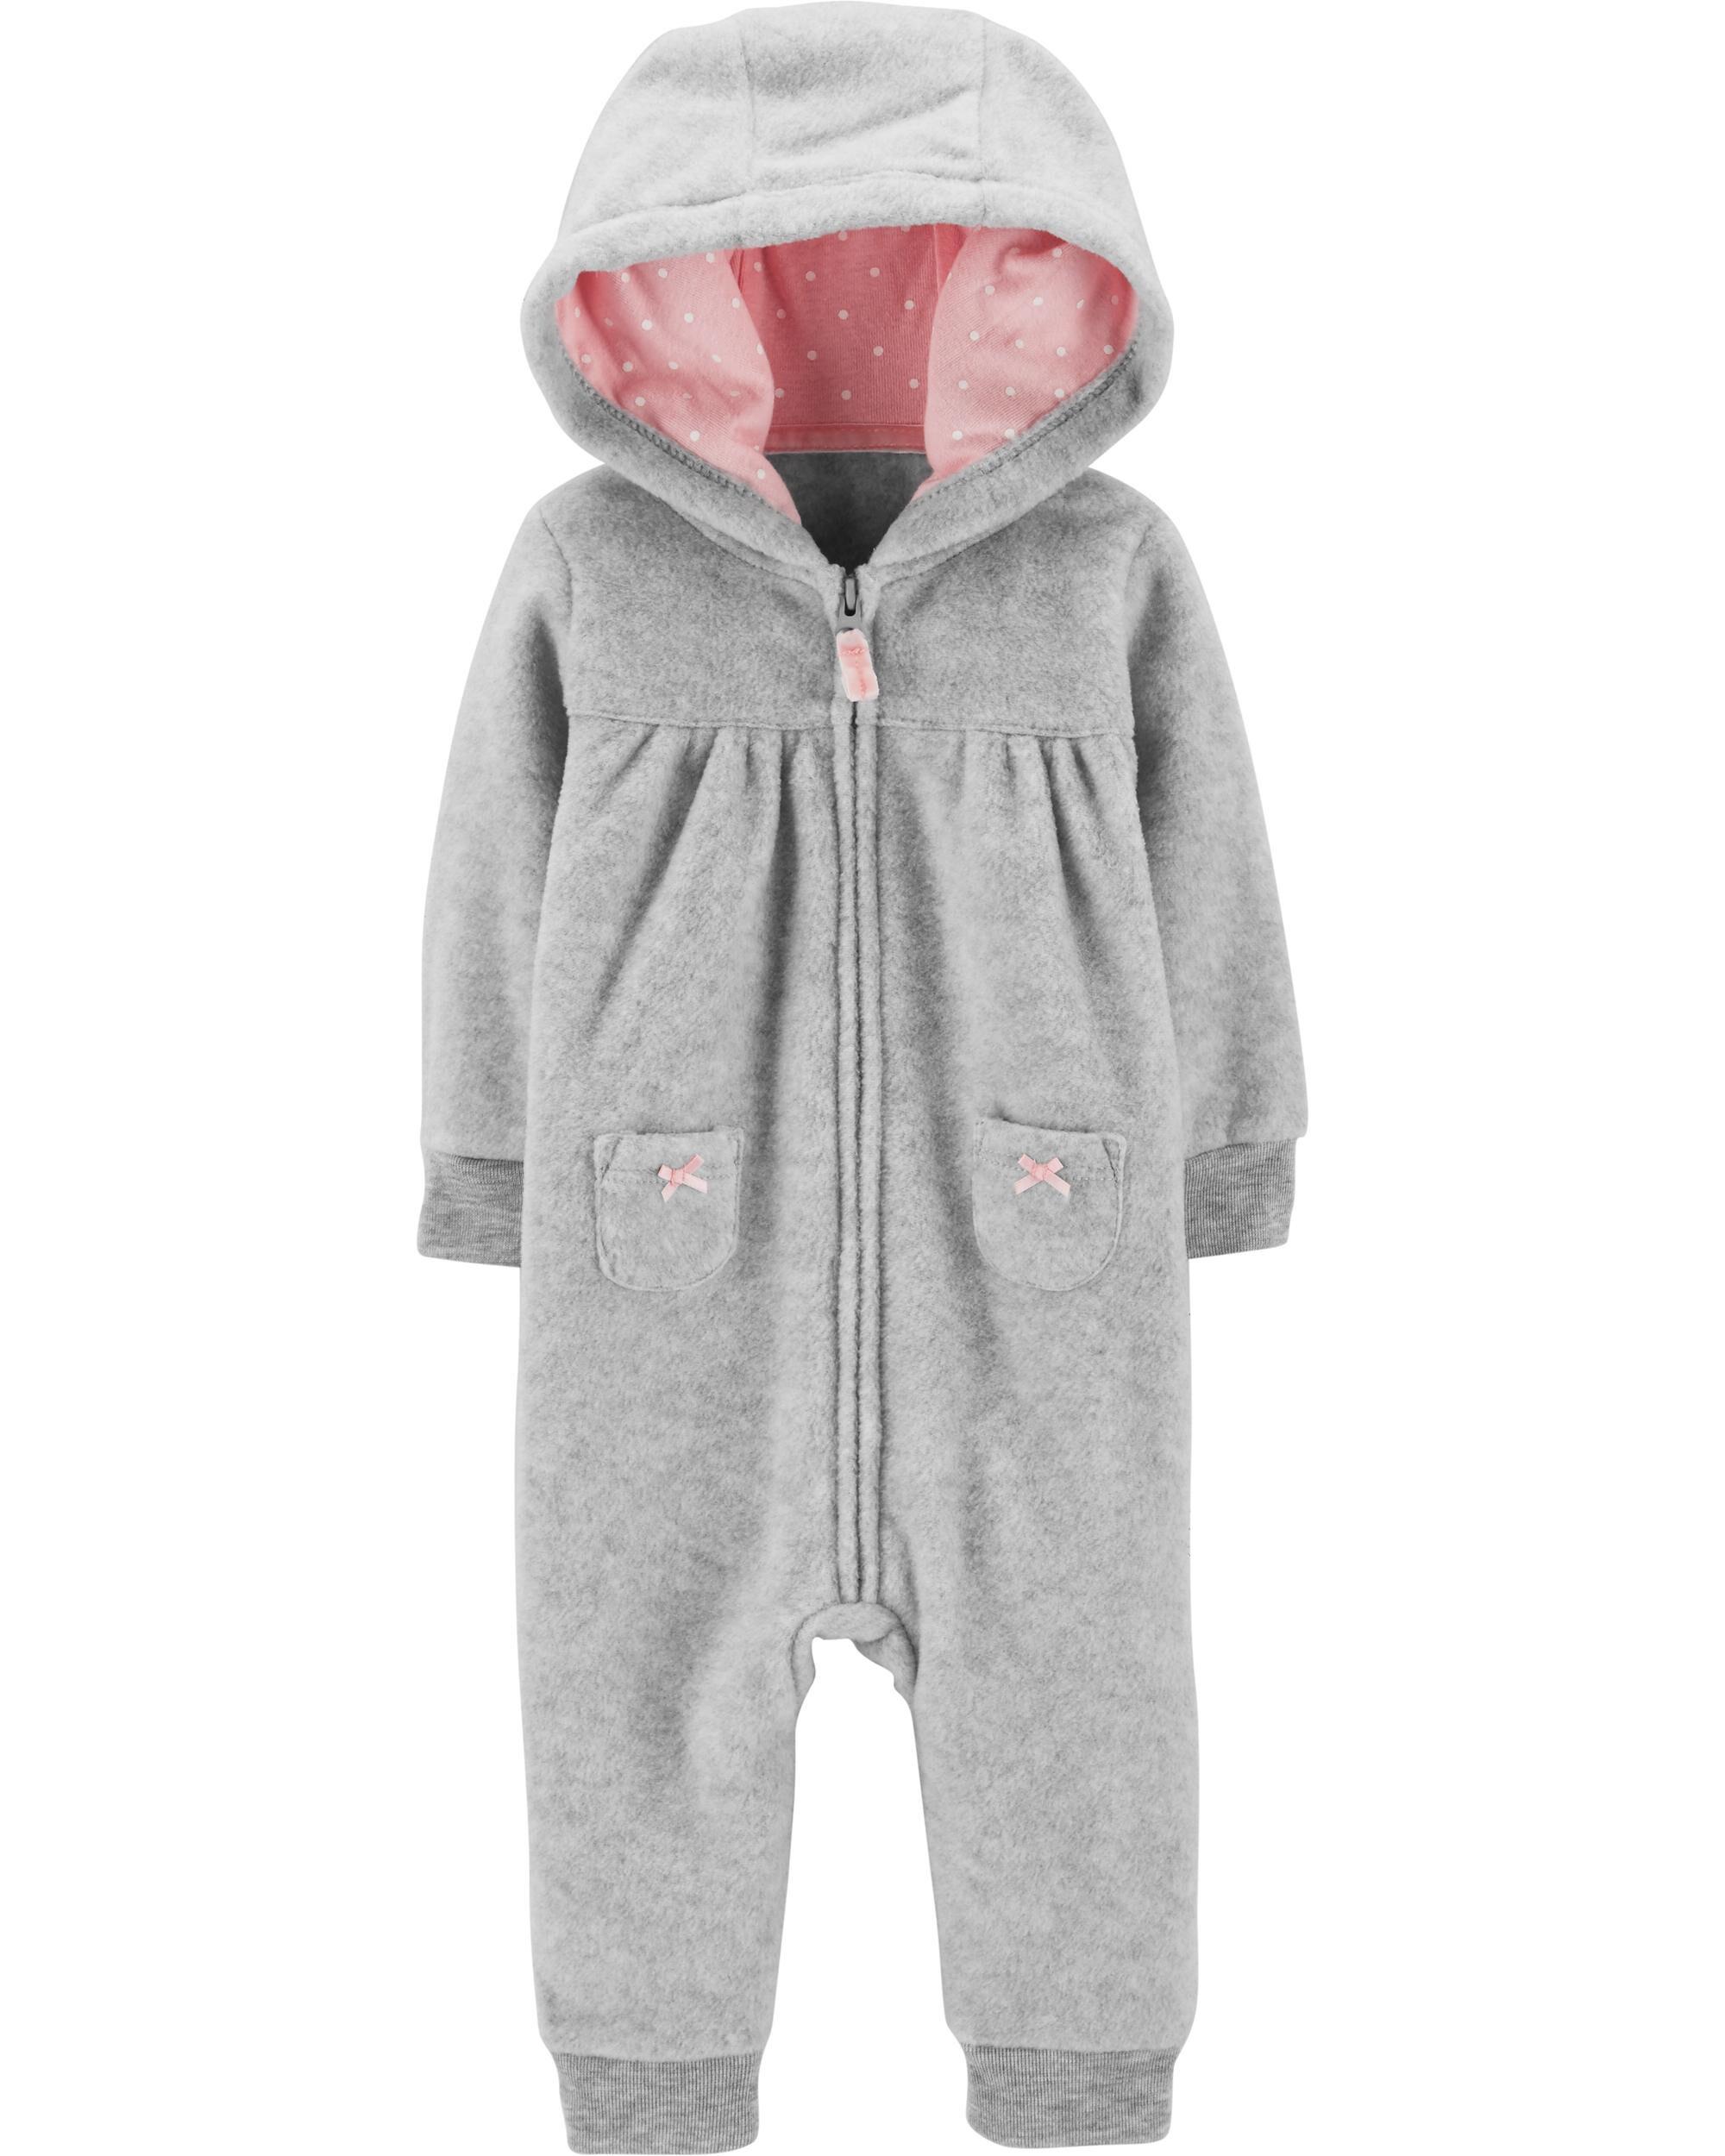 ed6337d7e Koala Hooded Fleece Jumpsuit